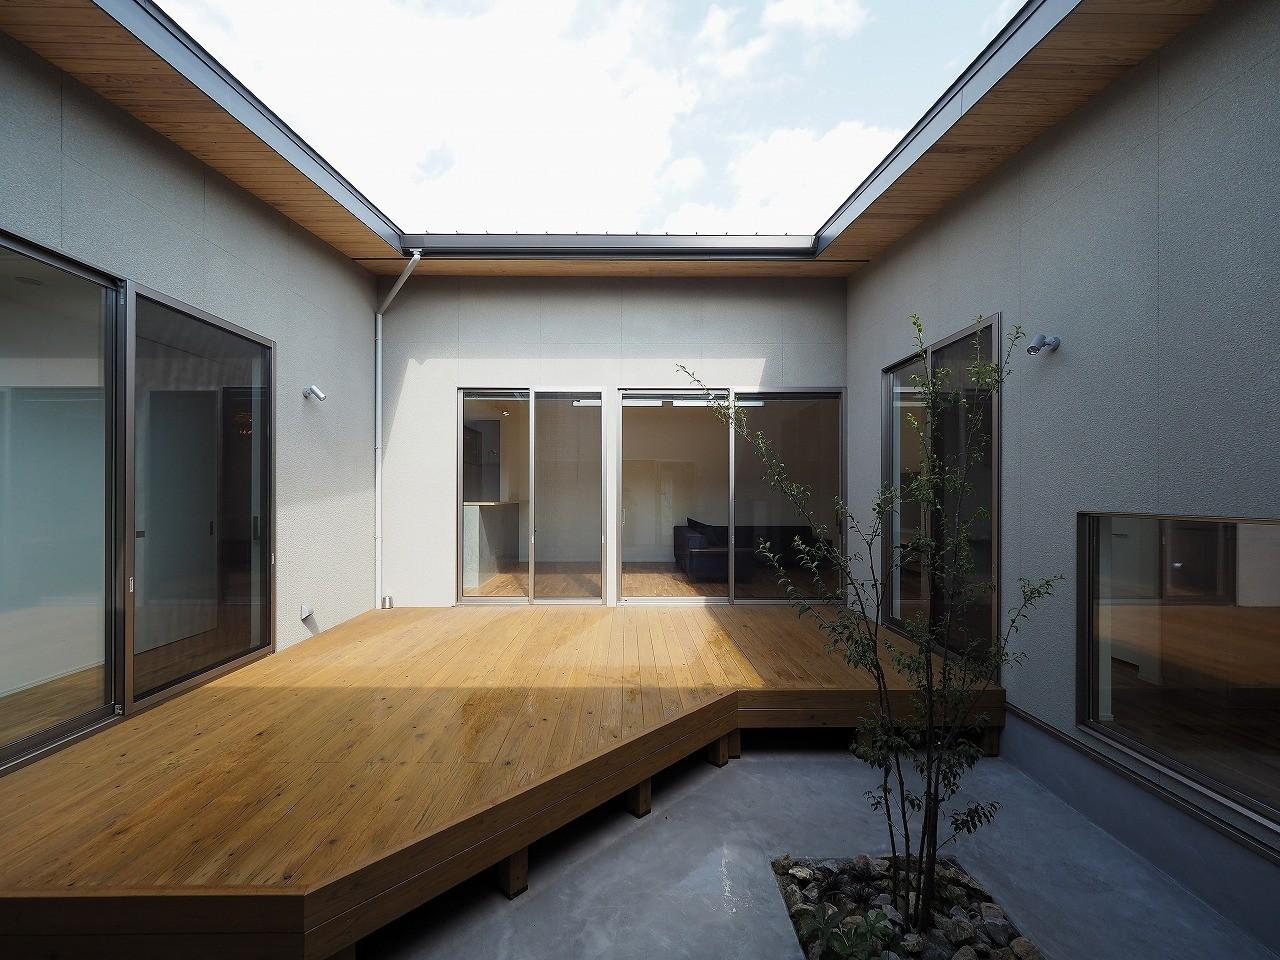 アウトドア事例:中庭(須賀崎の家  ロの字のコートハウス)